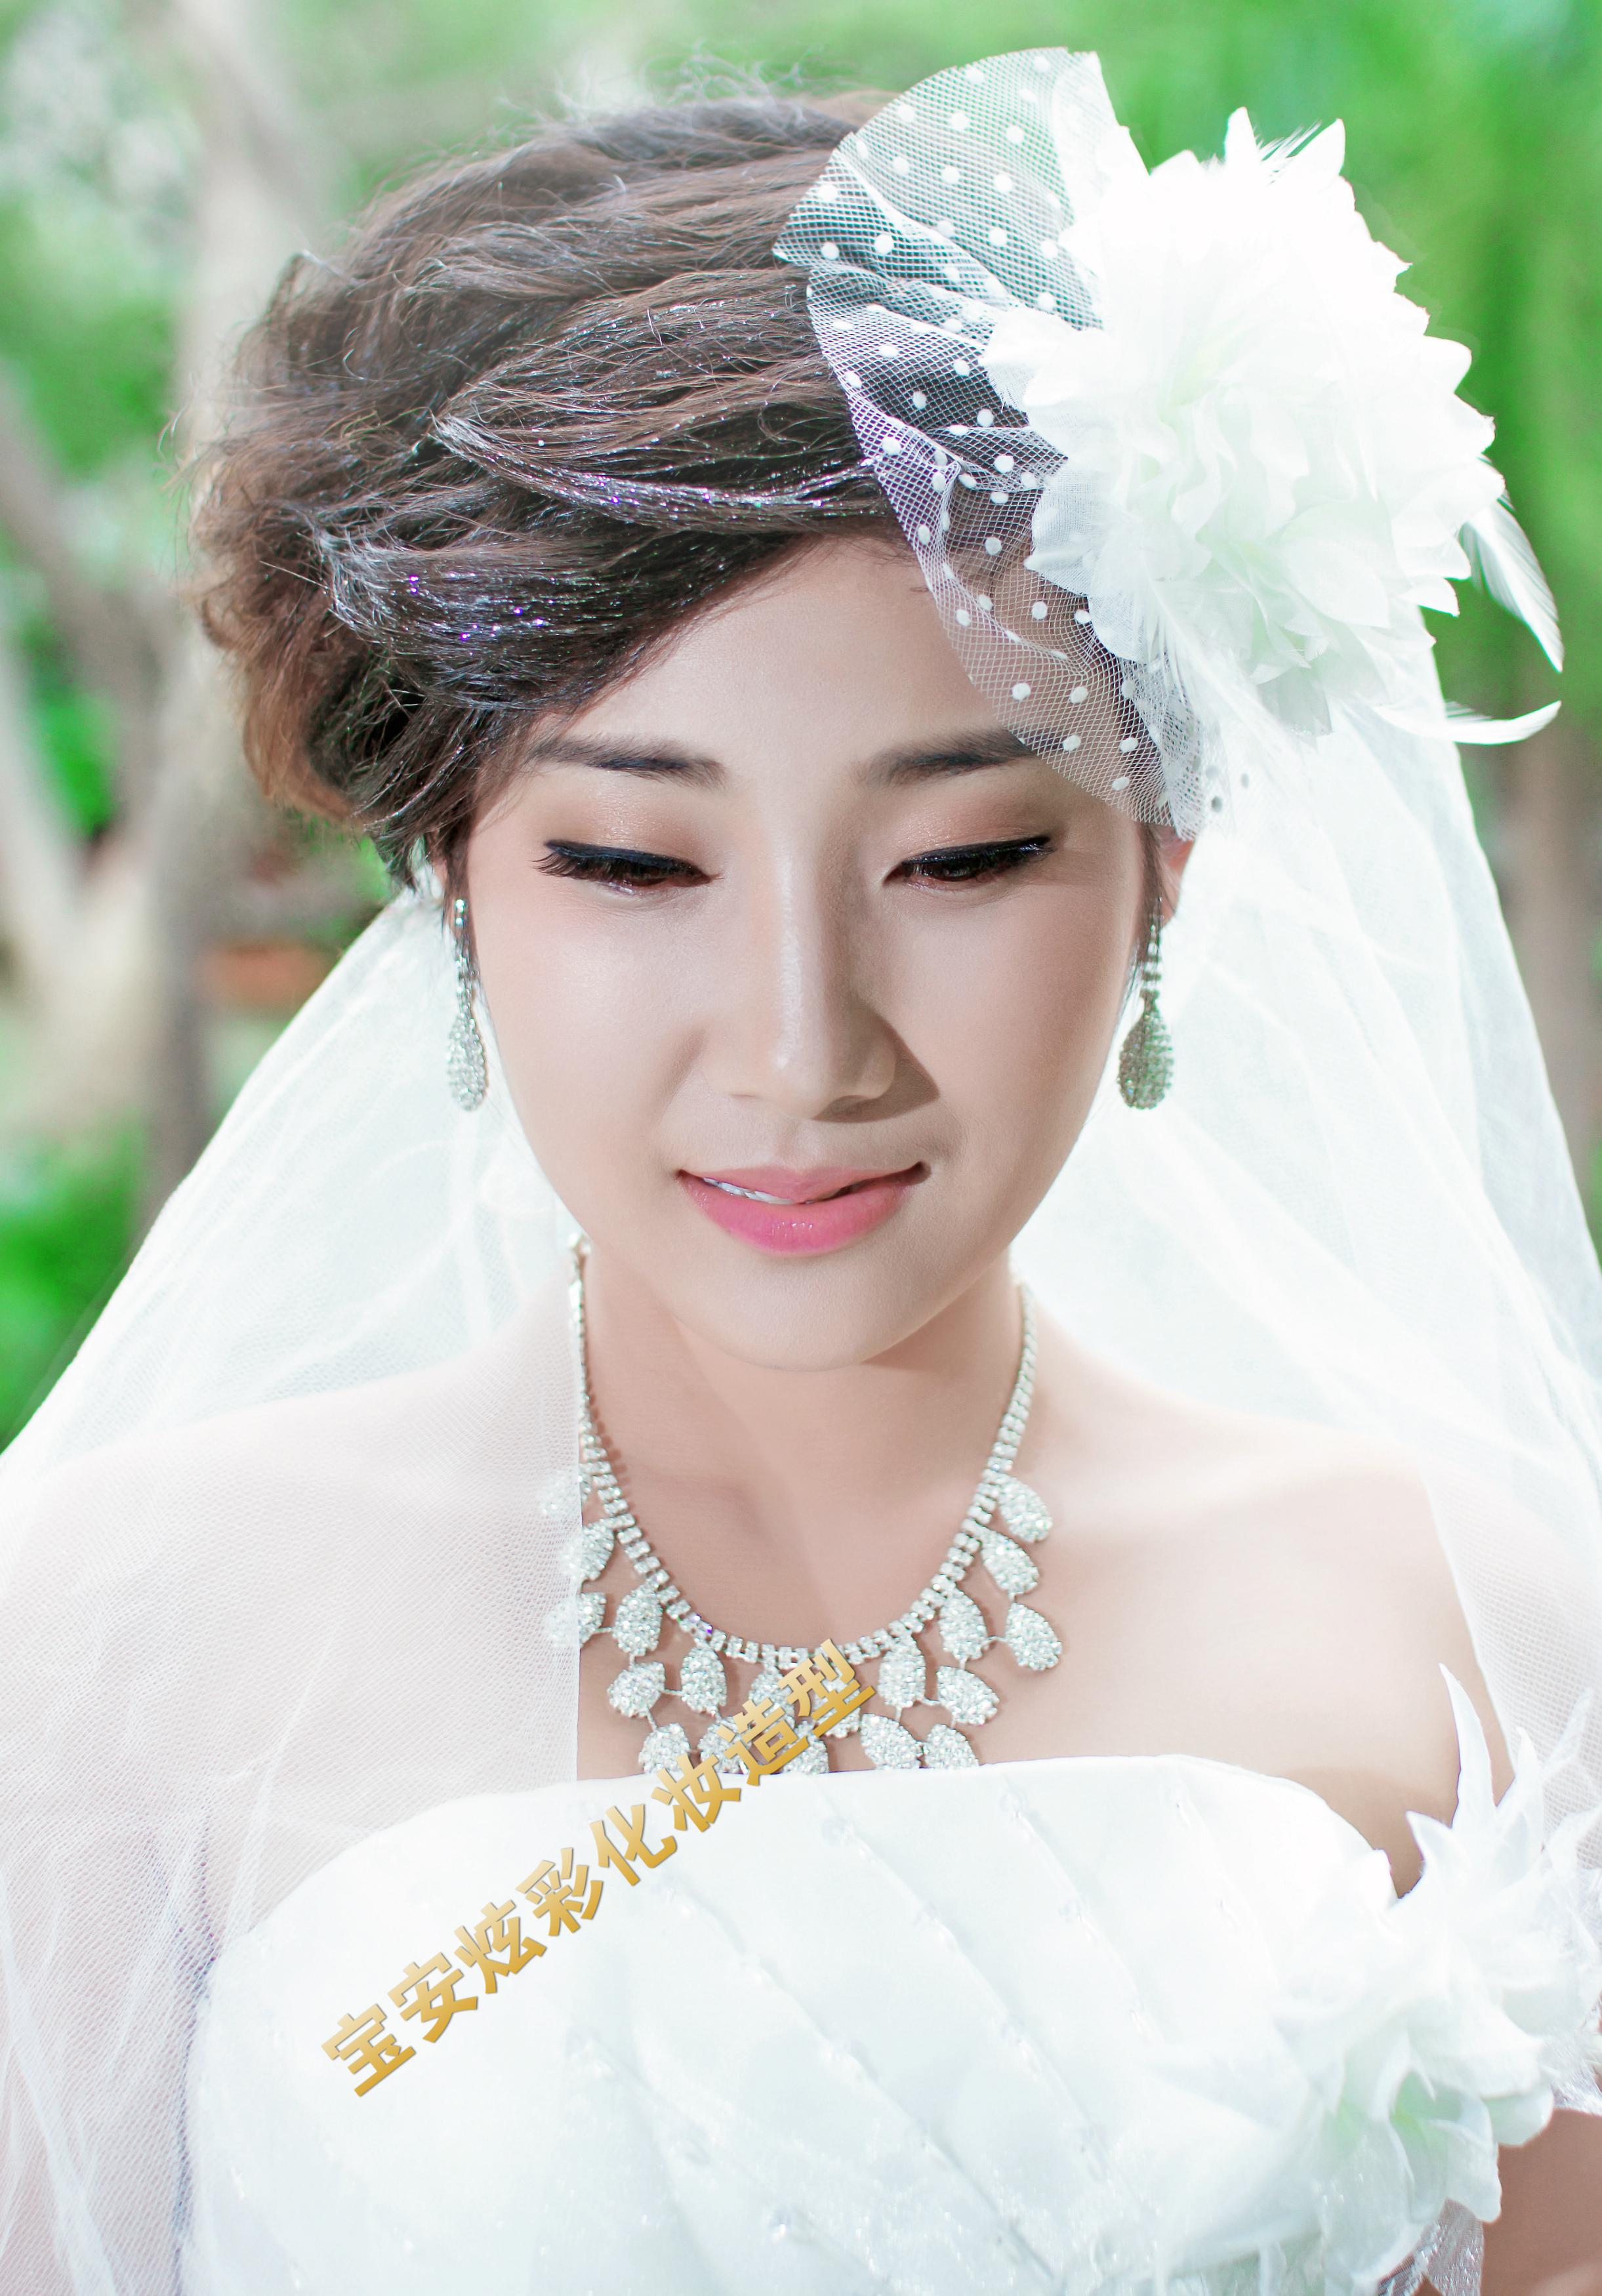 短发新娘晚礼服造型